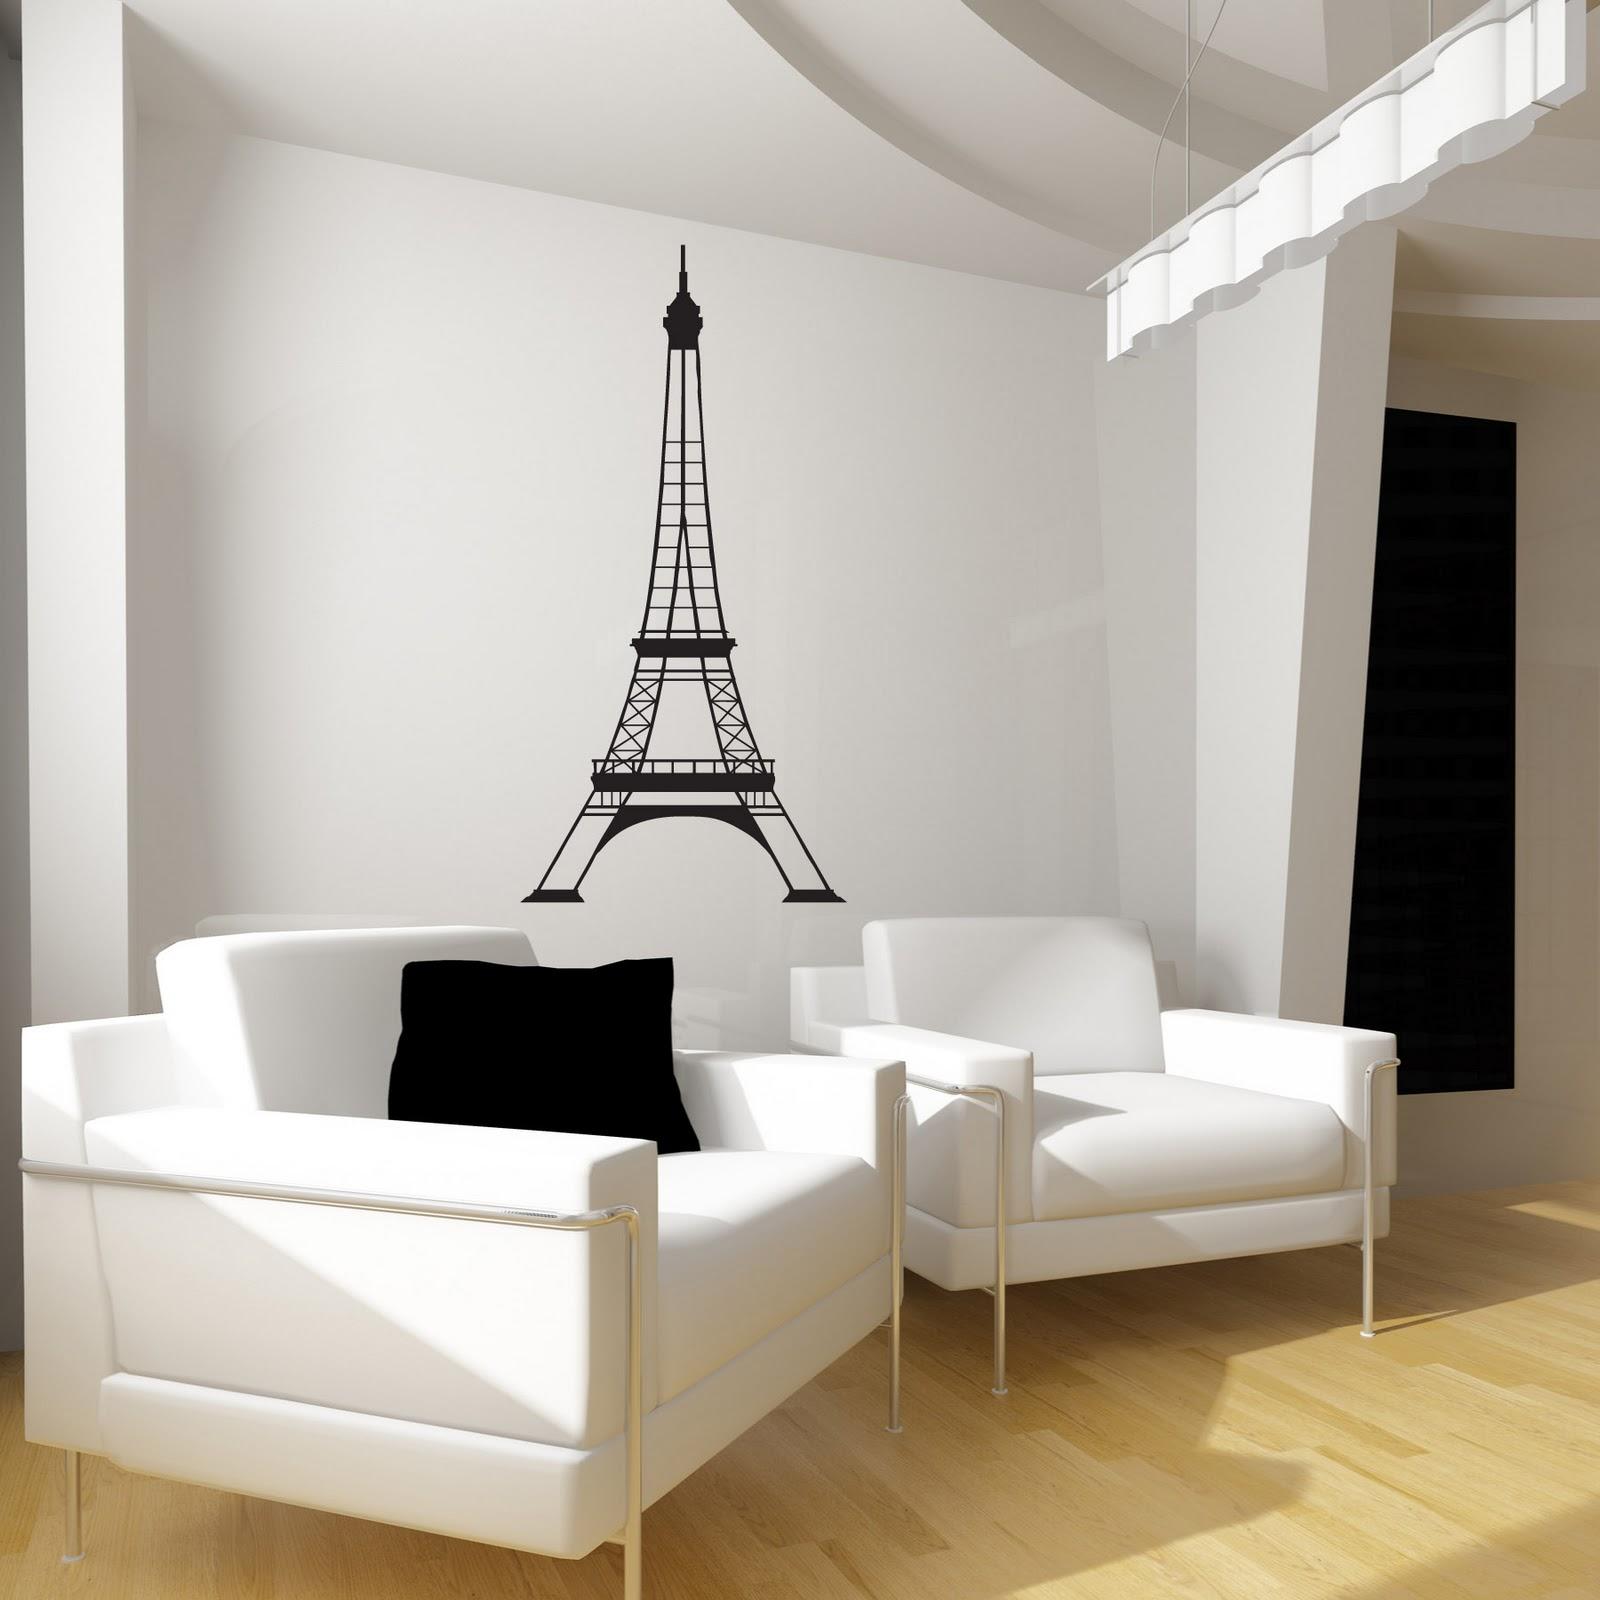 http://4.bp.blogspot.com/-AMH7M_G0xS8/TsqiUdCXXXI/AAAAAAAADaQ/87uhXzmTL_4/s1600/TC103+-+Large+Eiffel+Tower+pic.jpg